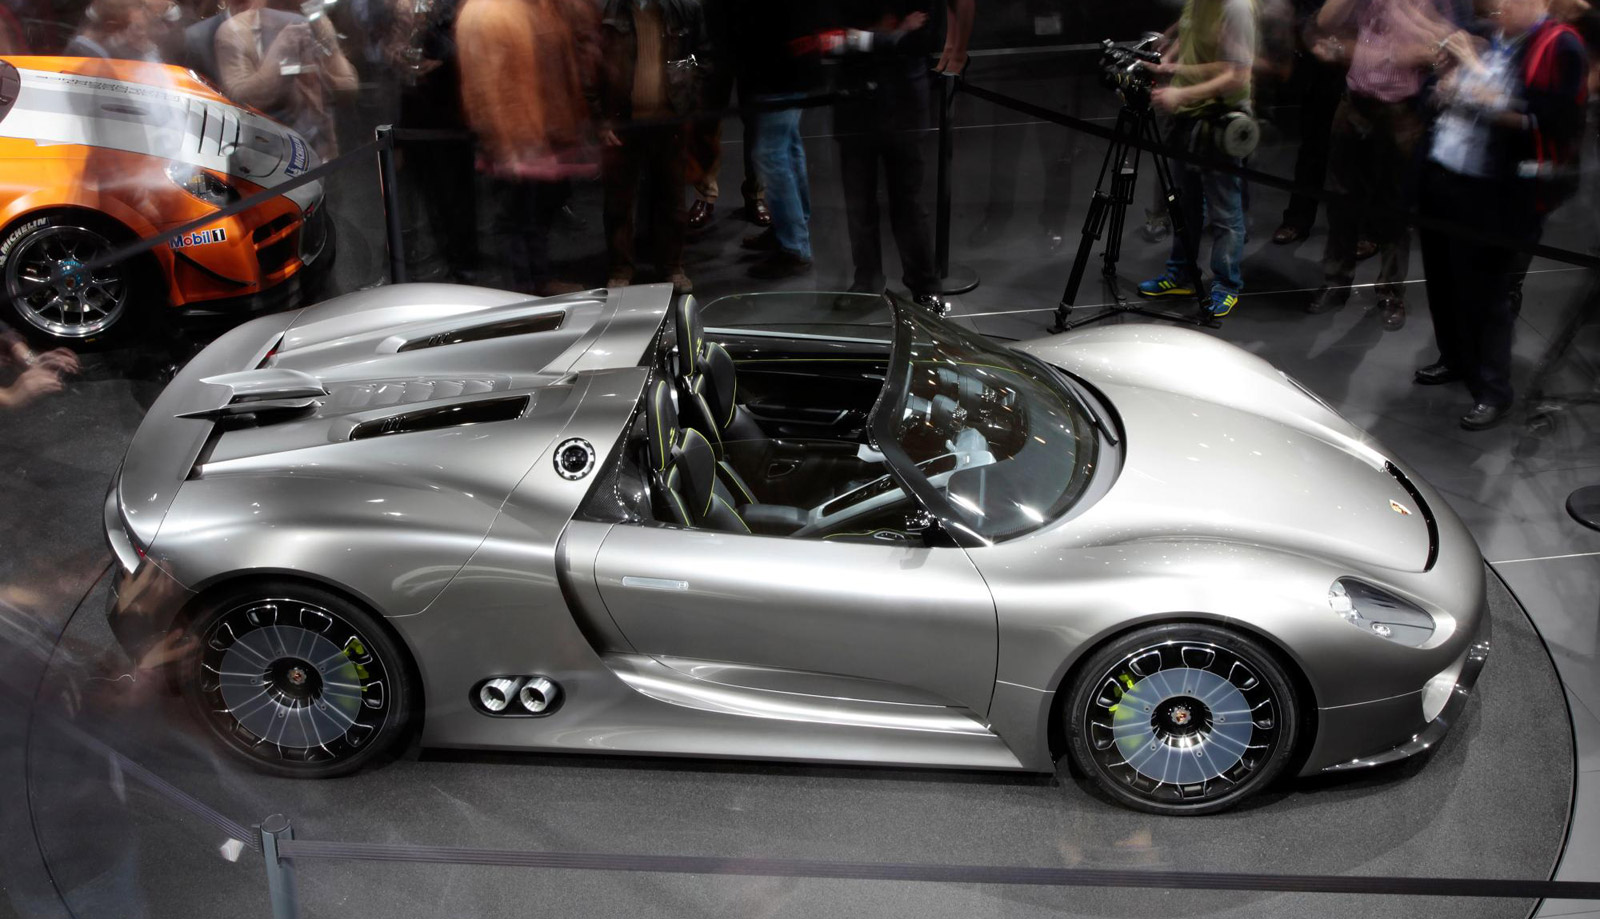 production porsche 918 spyder plug in hybrid supercar naked at last video. Black Bedroom Furniture Sets. Home Design Ideas